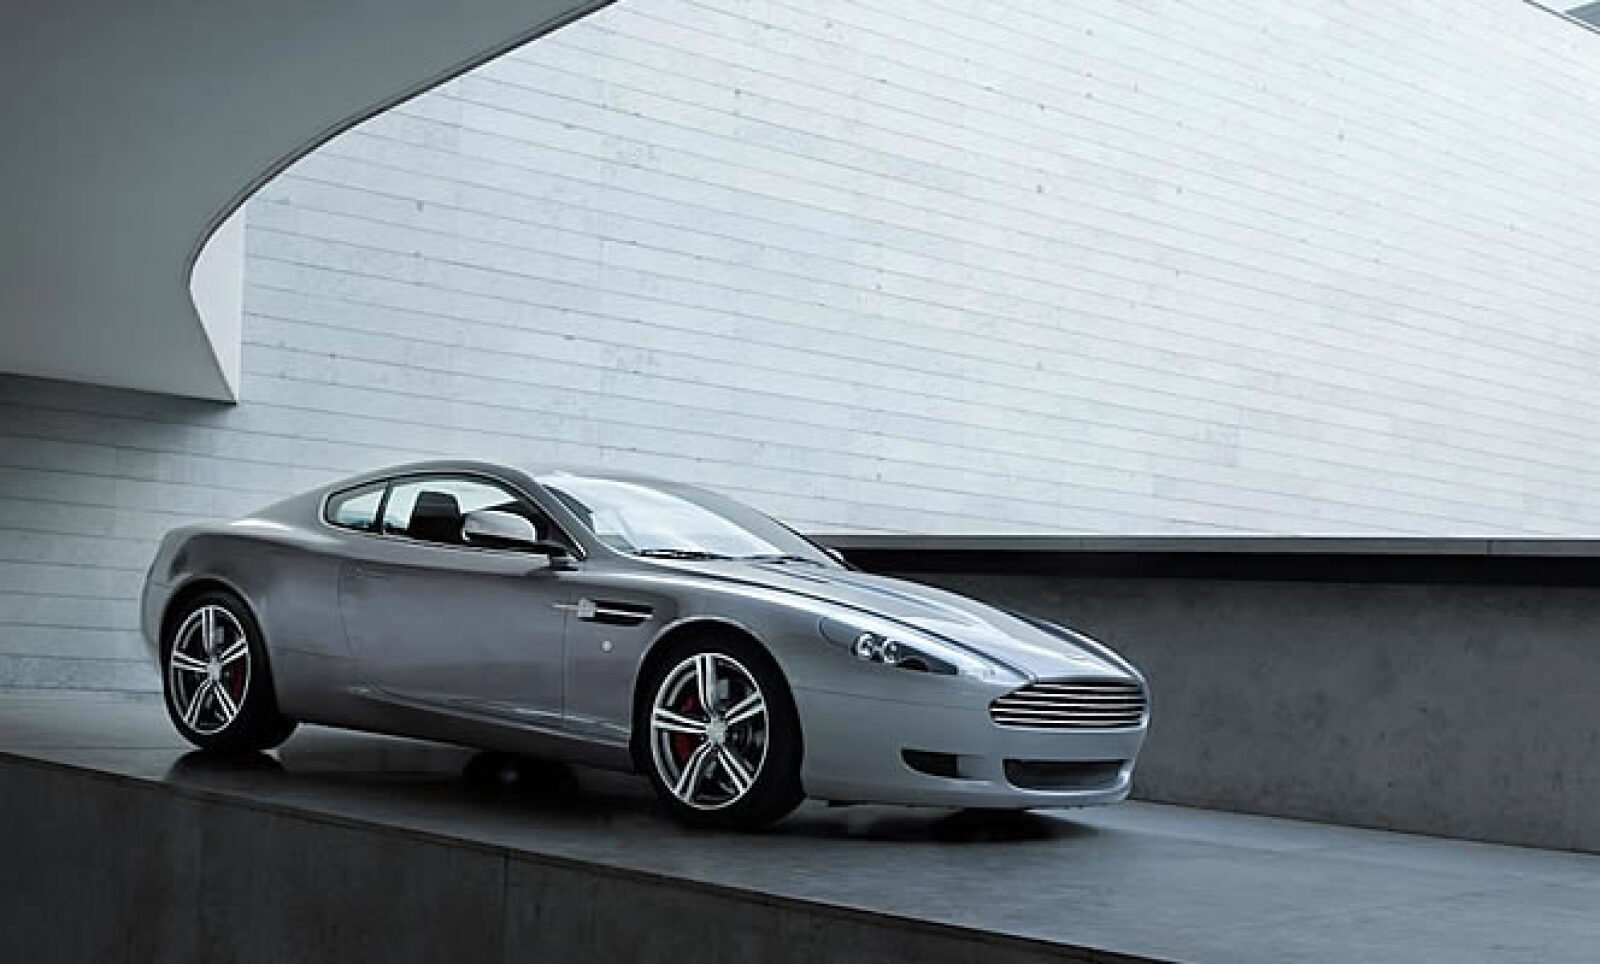 Esta pieza inglesa tiene un motor V12 con 9 cilindros, el cual le permite acelerar a de 0 a 100 km/h en 4.7 segundos. Se comercializará en Reino Unido con un precio base superior a 2 millones de pesos.